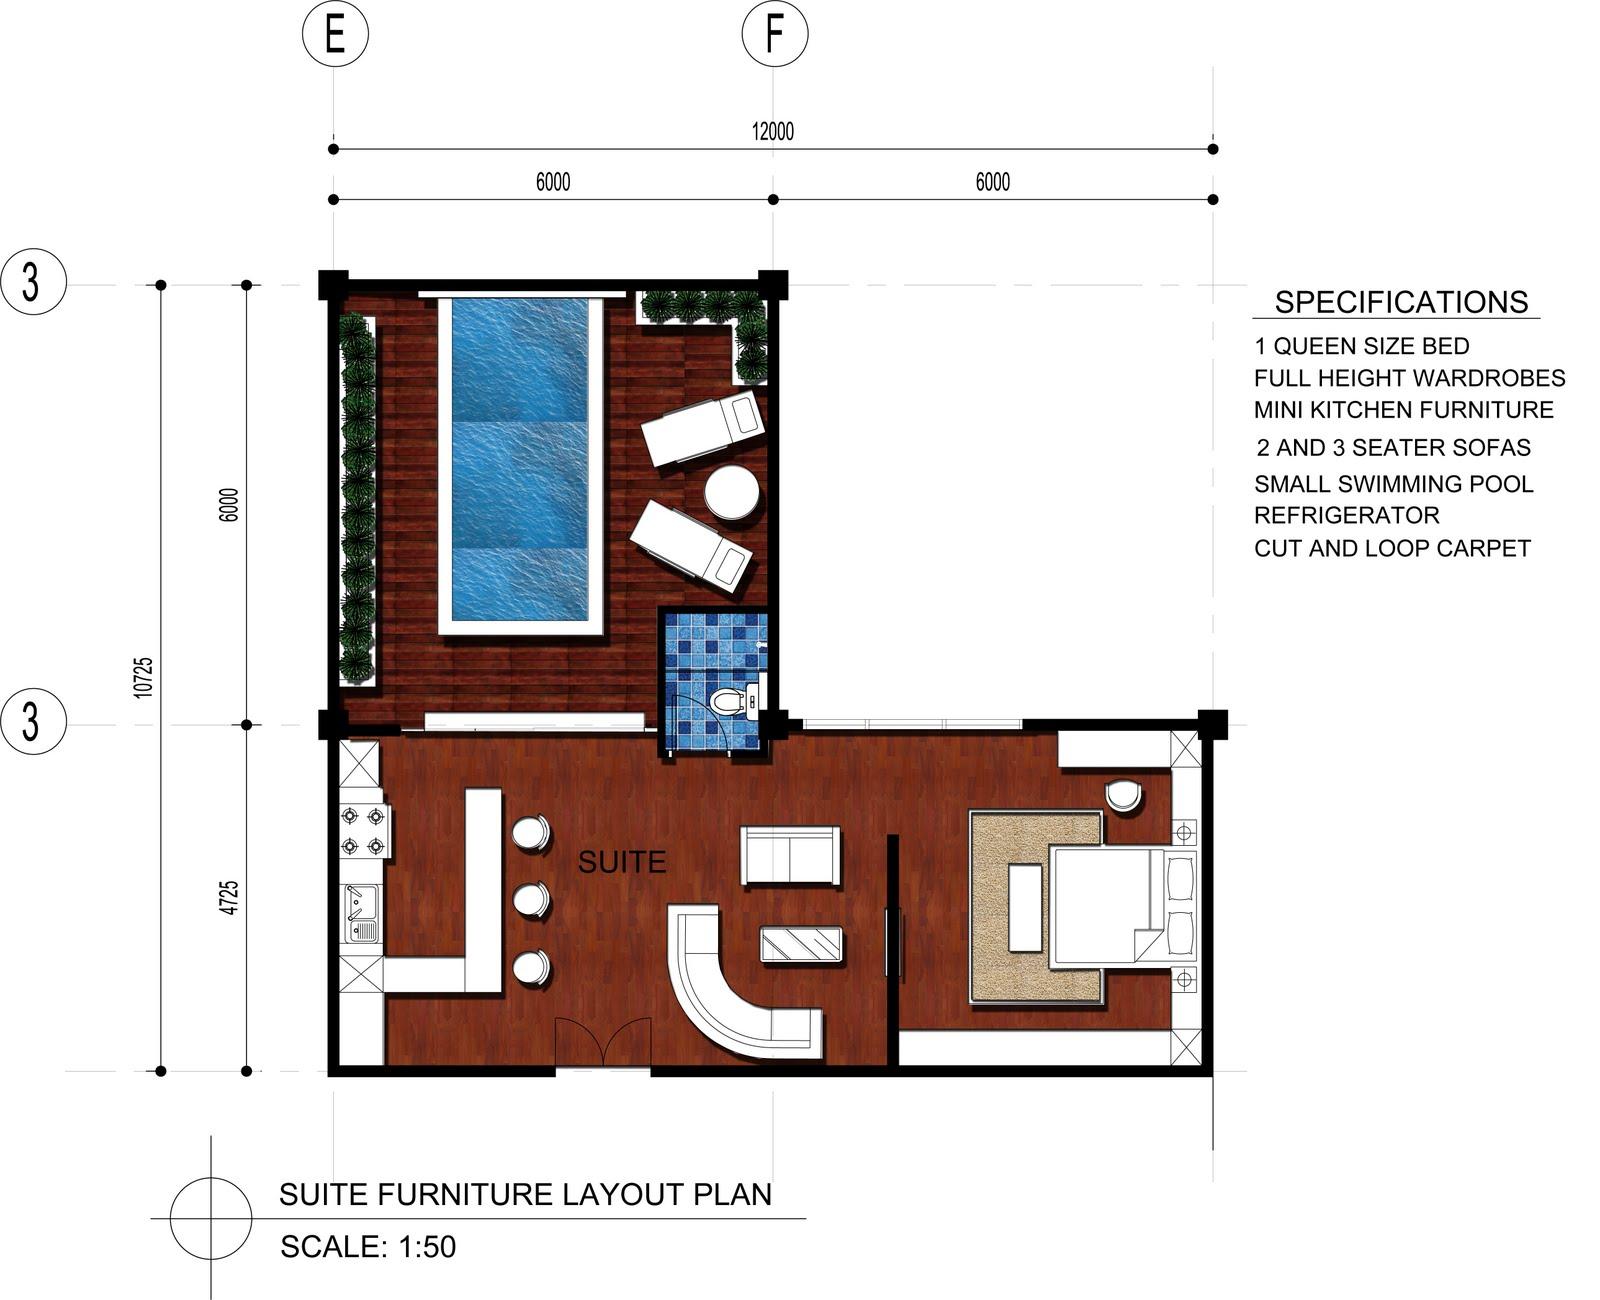 feng shui furniture arrangement living room | My Web Value